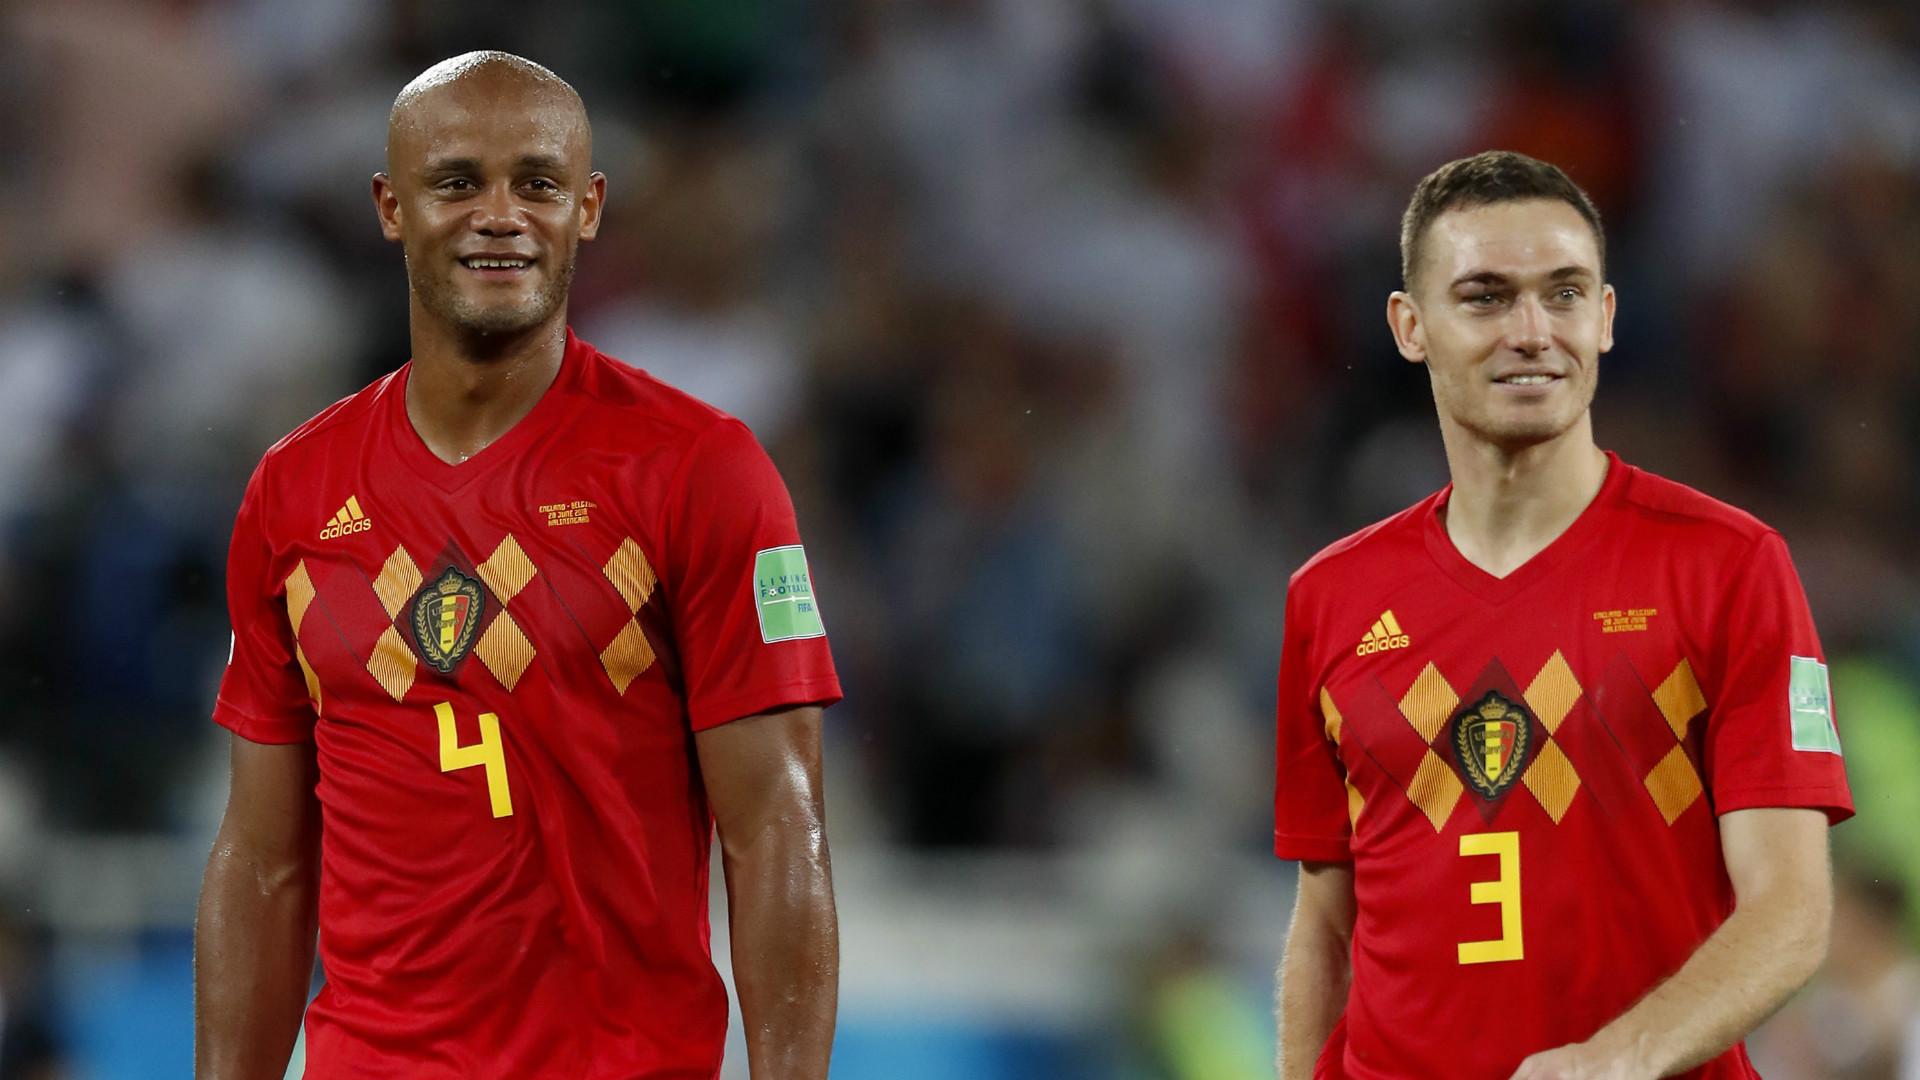 Mondiali - Super rimonta Belgio ad un ingenuo Giappone: 3-2